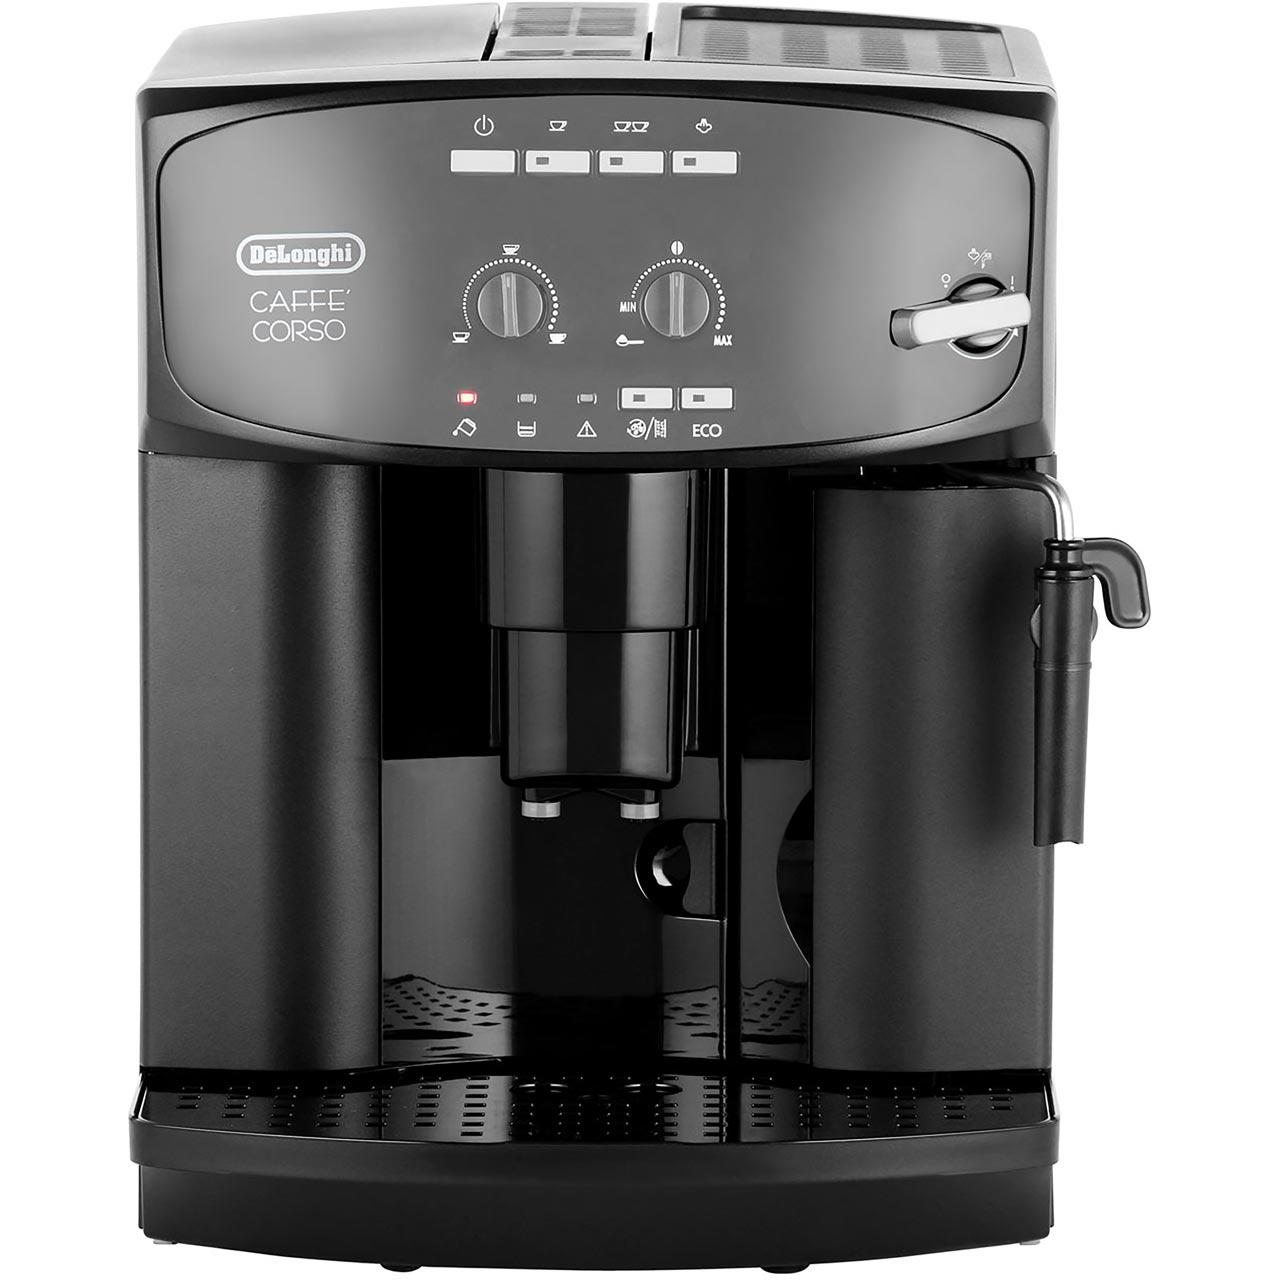 Magnifica ESAM2600 Bean to Cup Coffee Machine £161.10 w/ code + £20 AO cashback @ AO